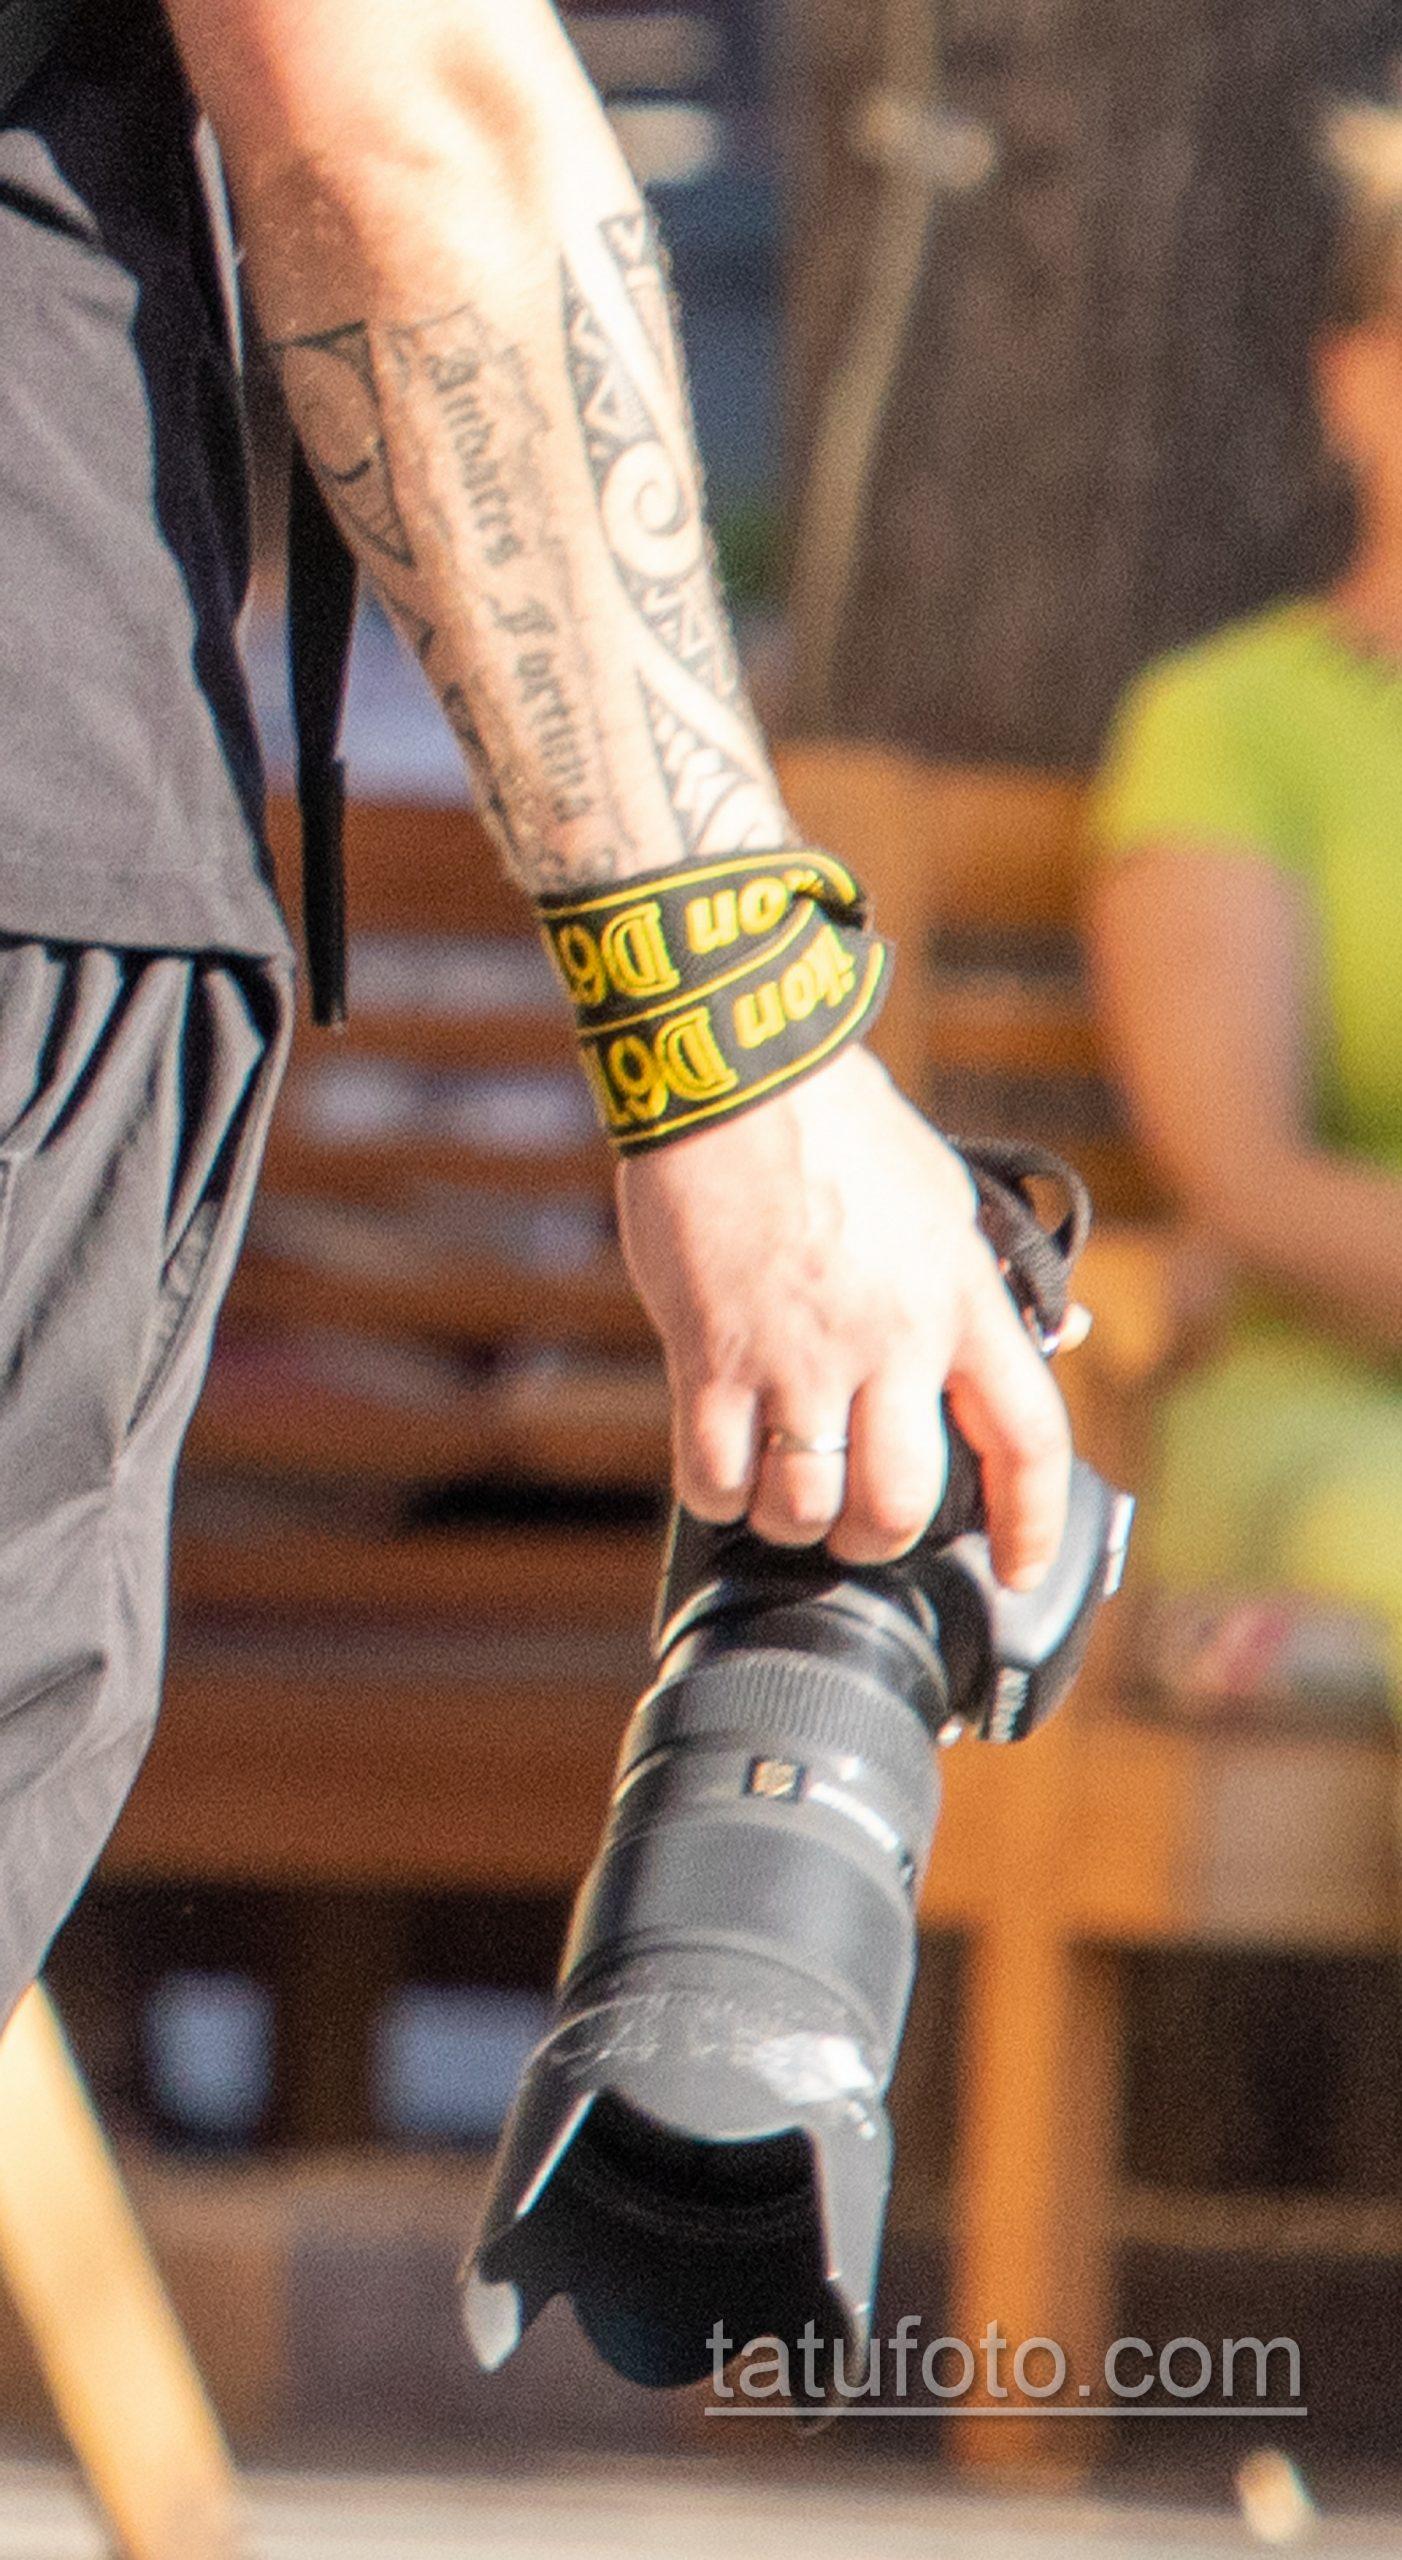 Фото тату с маори узорами и надписями на руке парня с фотоаппаратом Никон в руке девушки - Уличная татуировка 14.09.2020 – tatufoto.com 4